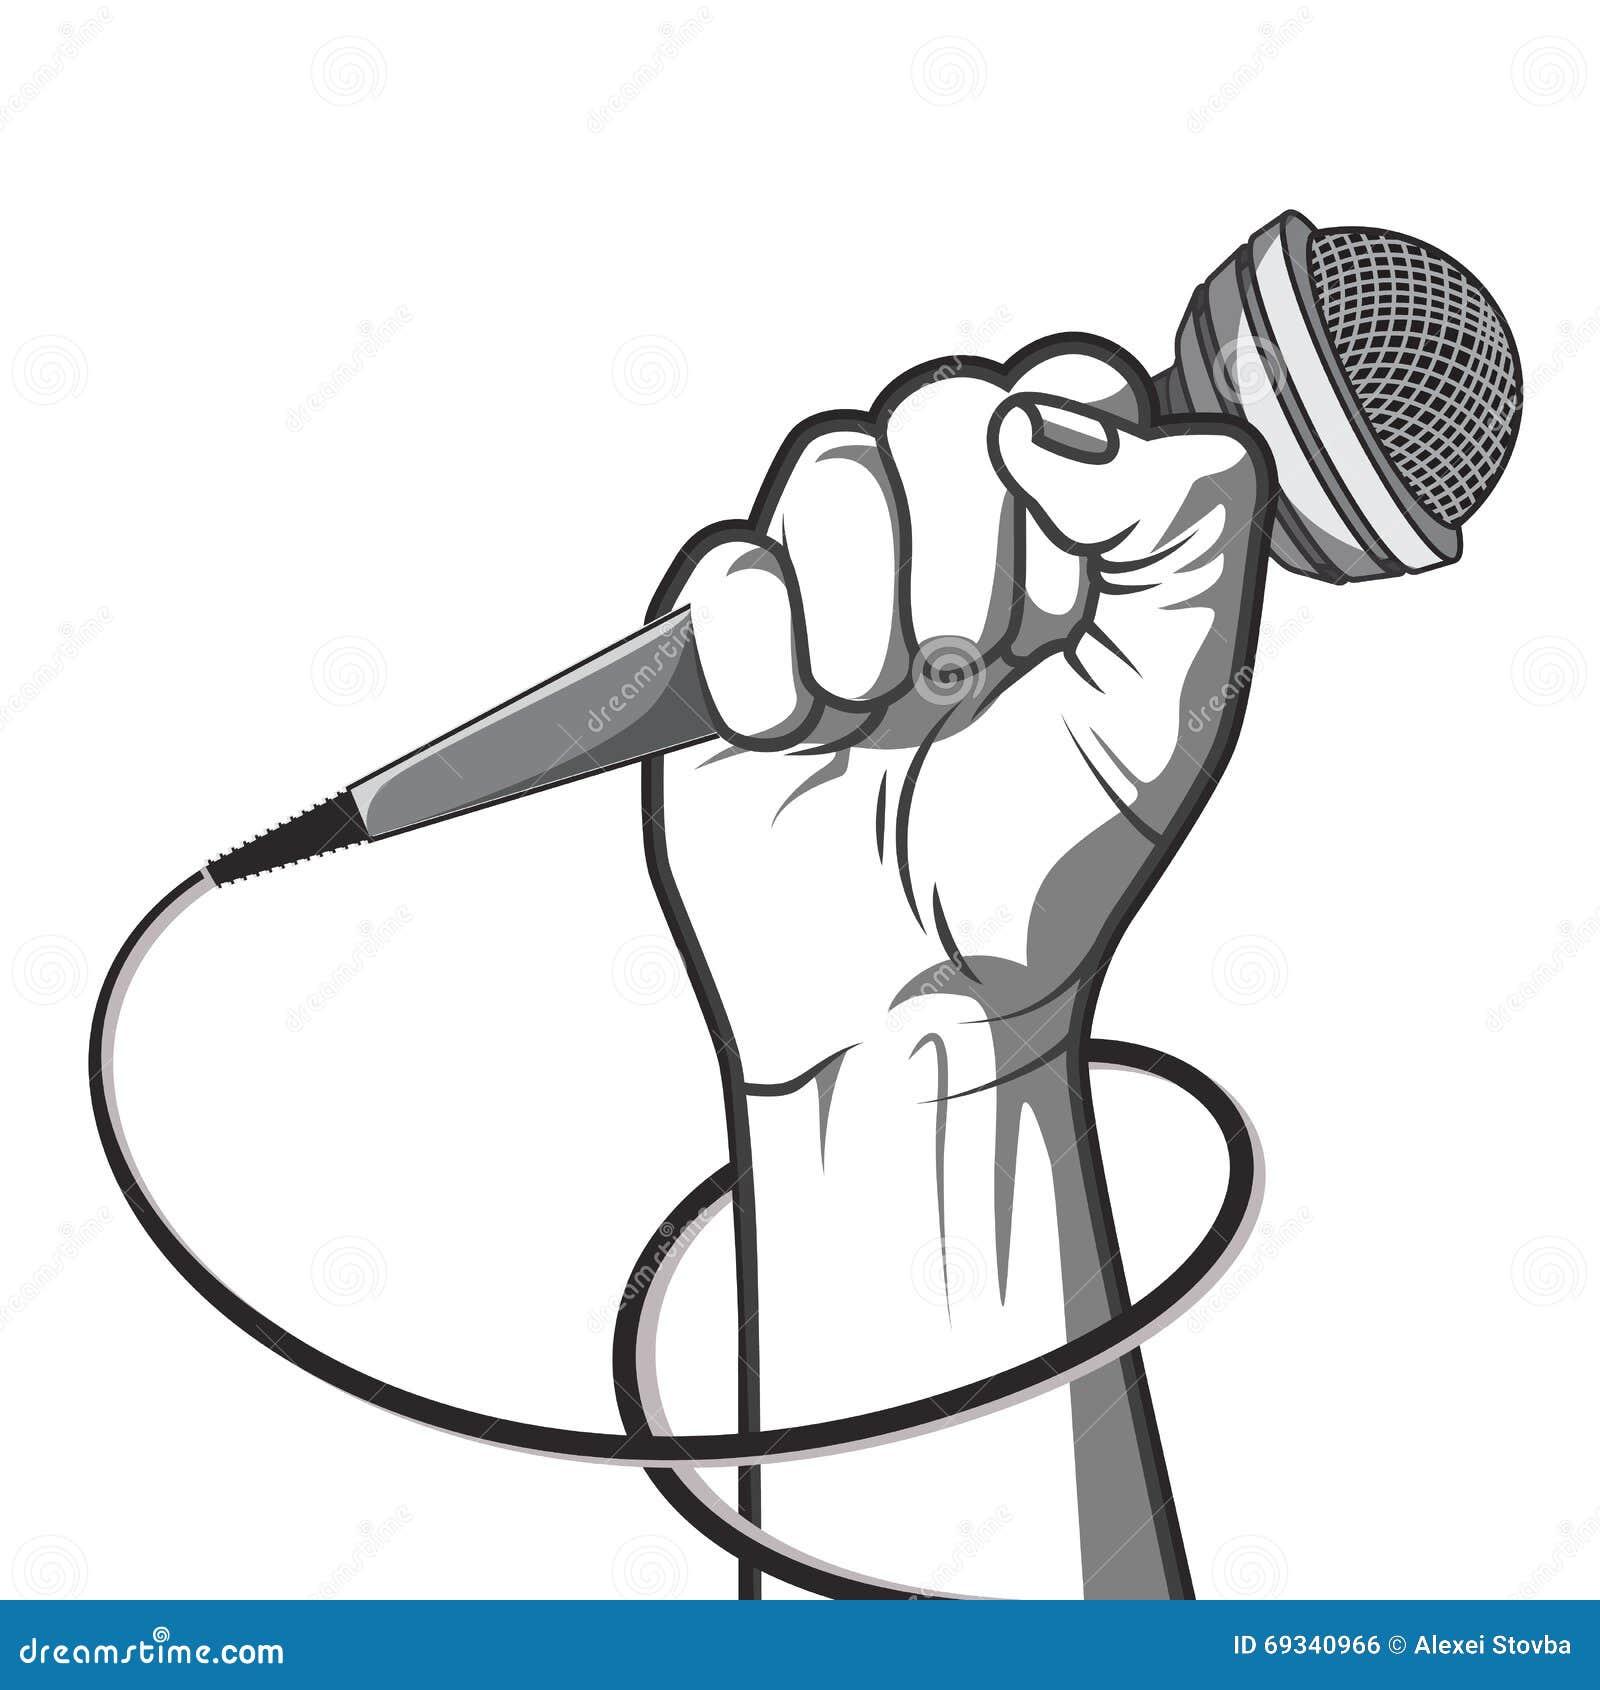 Wręcza trzymać mikrofon w pięści wektorowej ilustraci w czarny i biały stylu